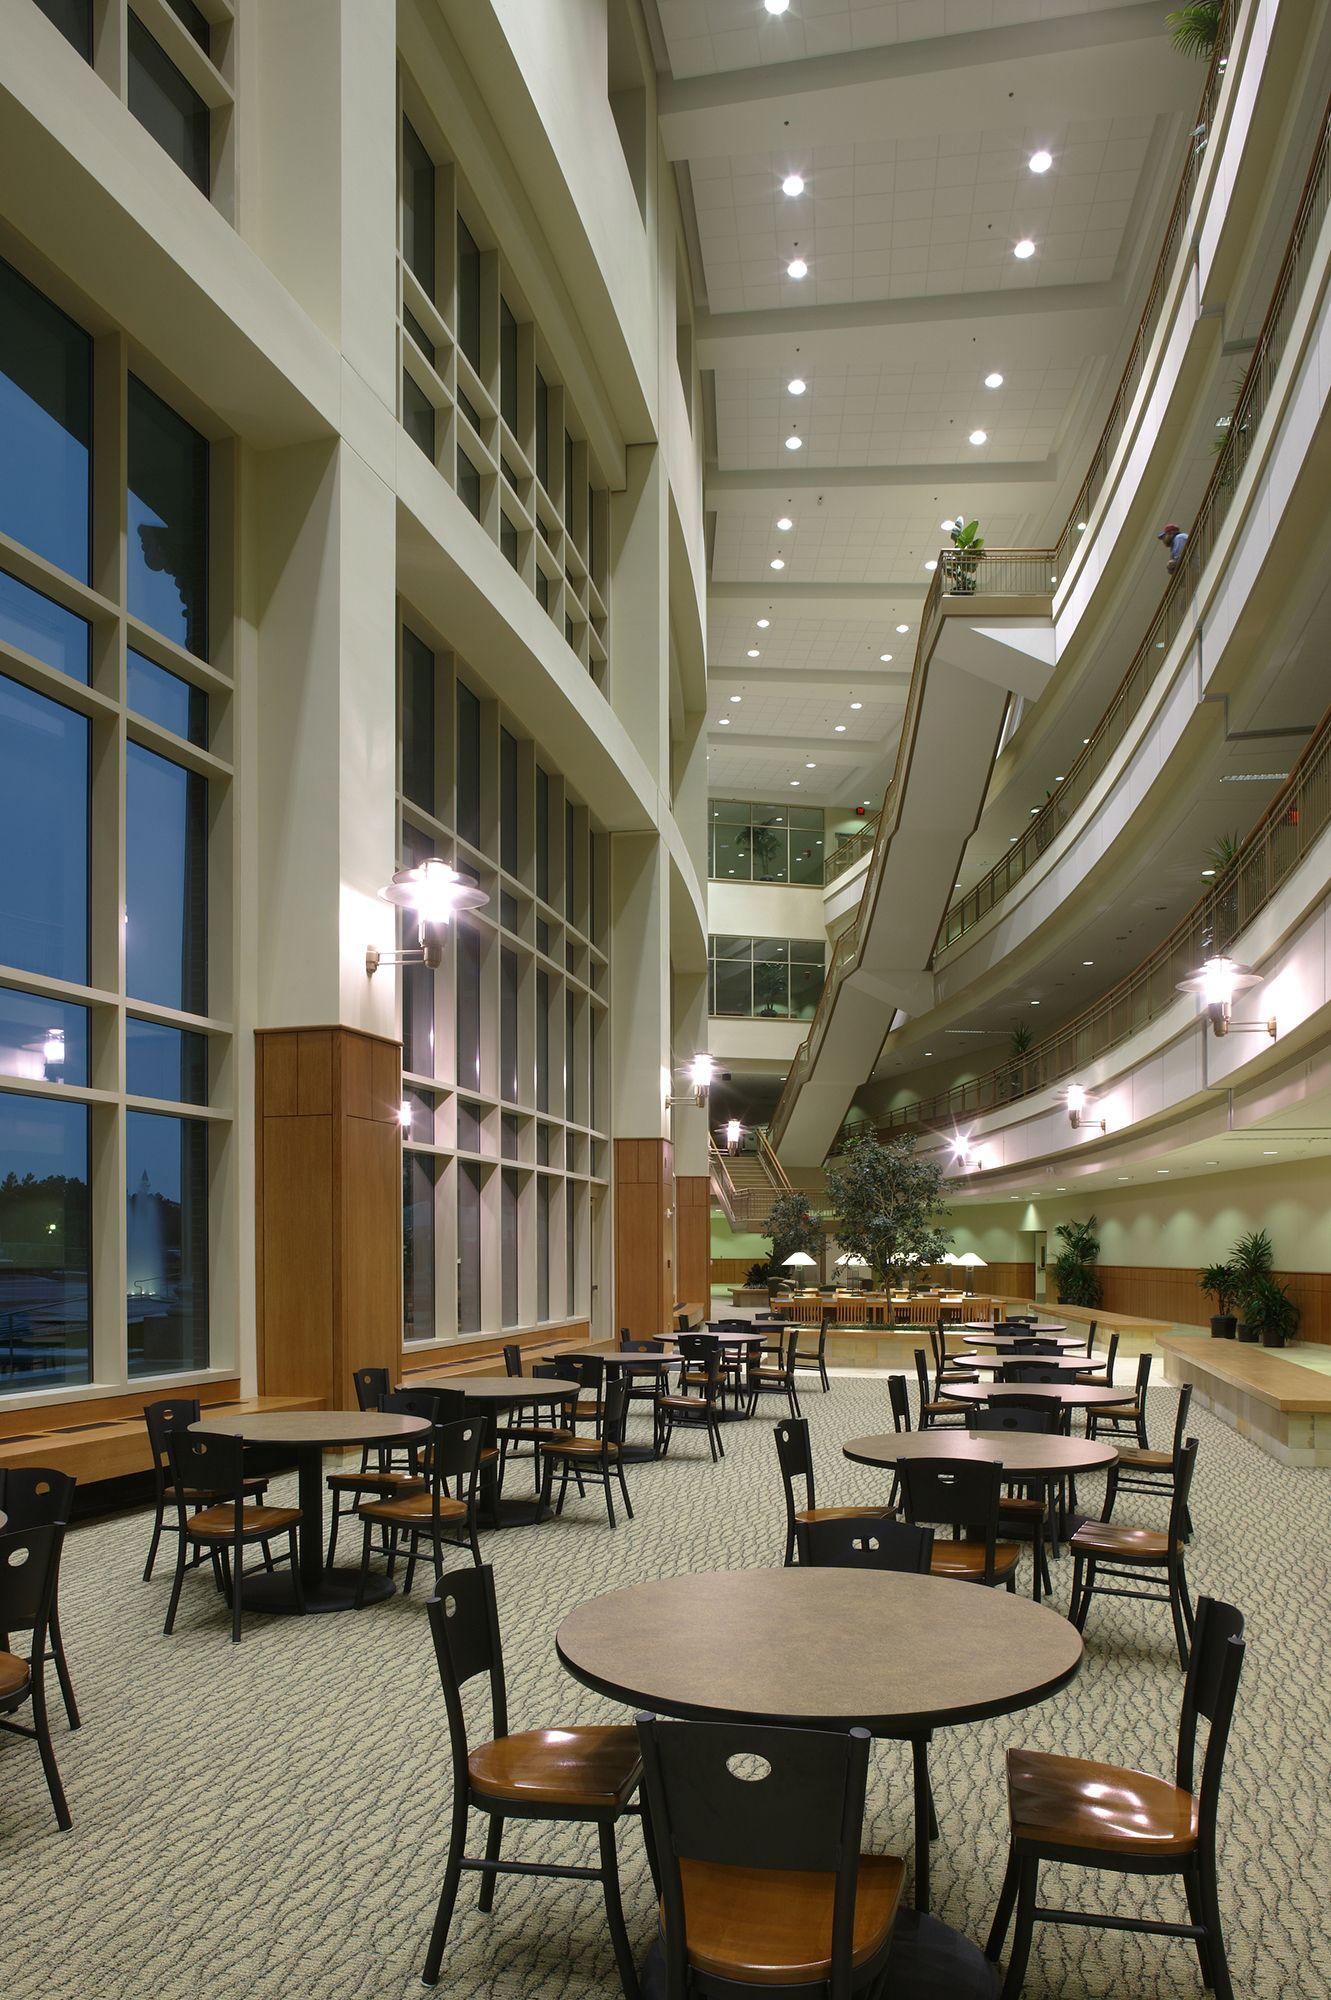 Baylor University Sciences